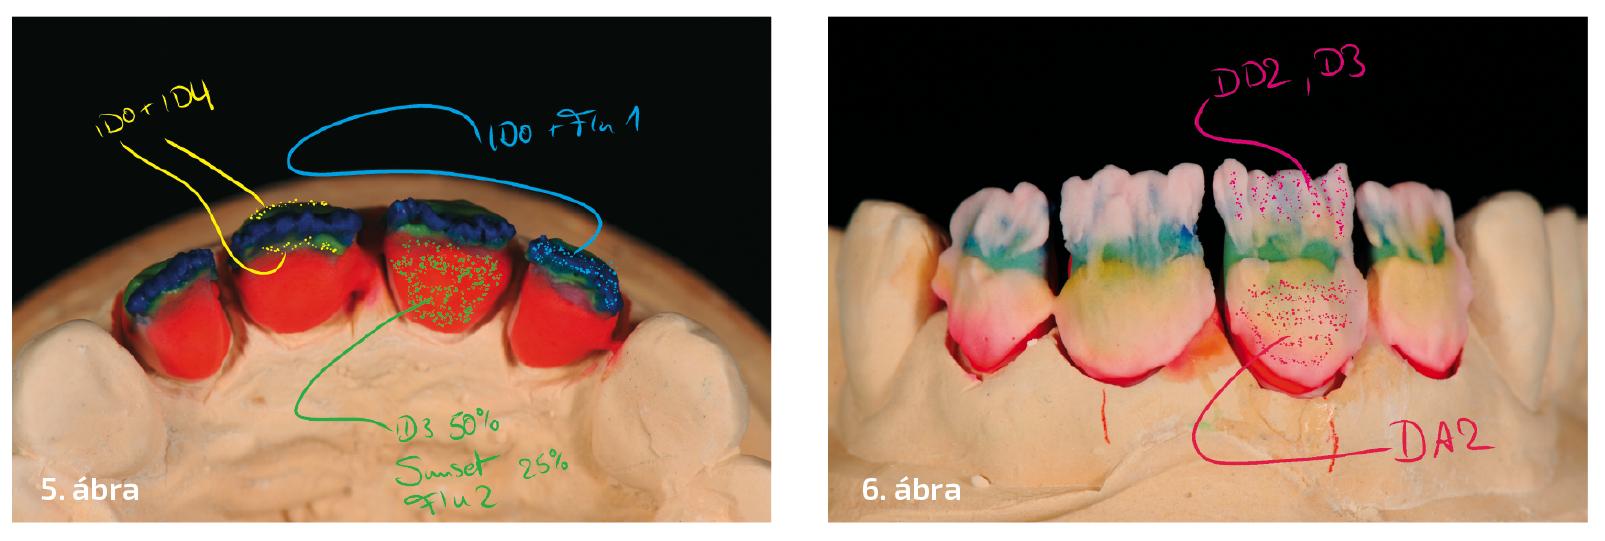 5. ábra: Már ennél a lépésnél nagy figyelmet kell fordítani az incizális csavarodásra. 6. ábra: D2 és D3 dentin váltakozó rétegzésével támogatjuk az incizális transzlucenciát.